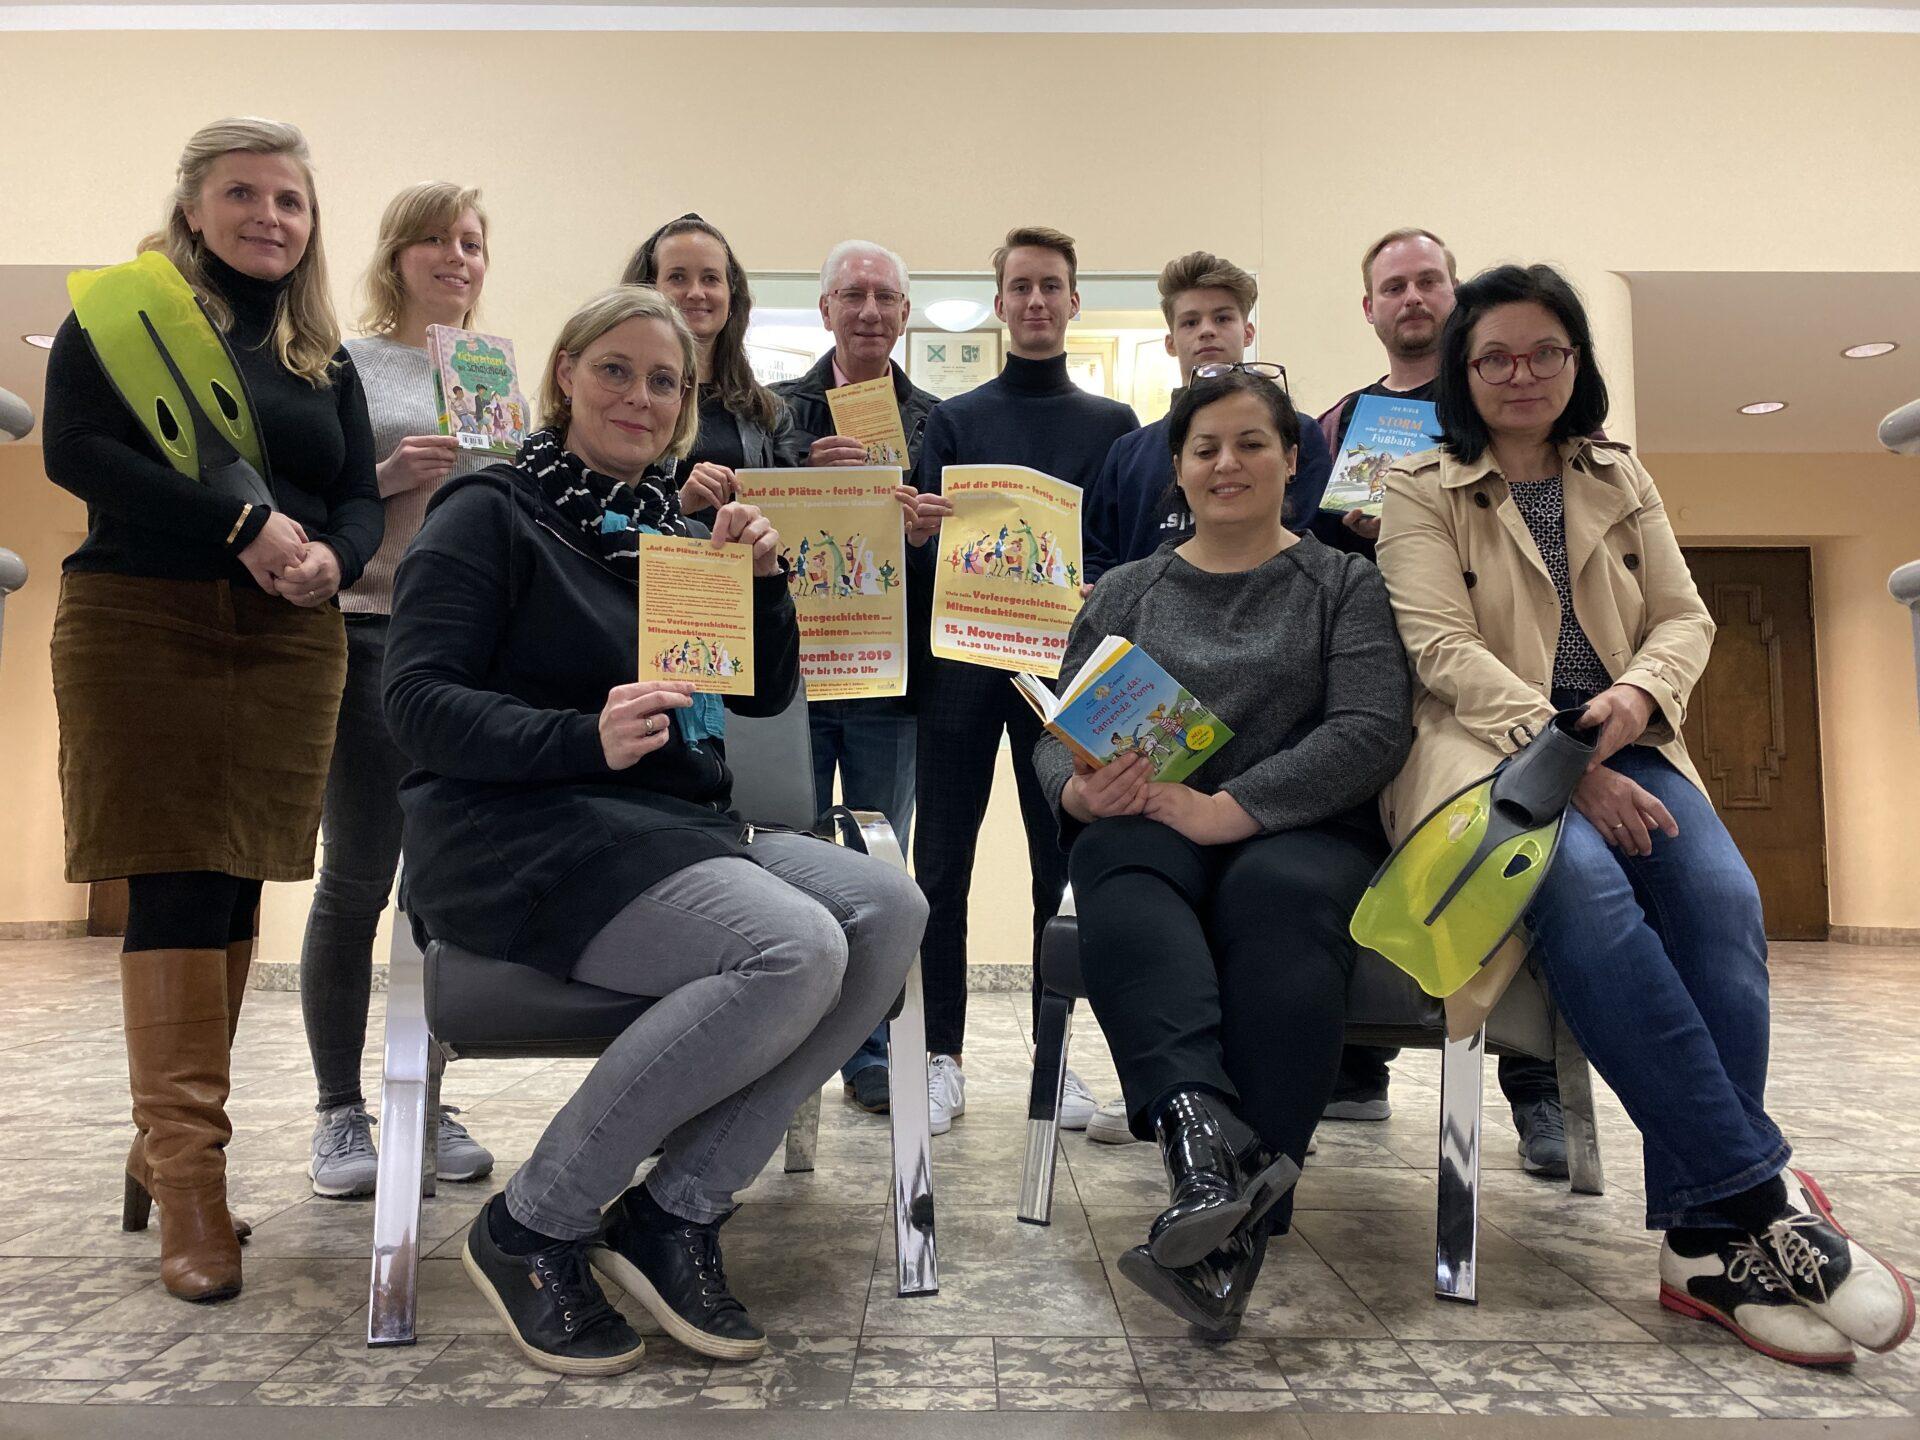 Vorlesetag im Rathaus: Viele Aktionen am 15. November